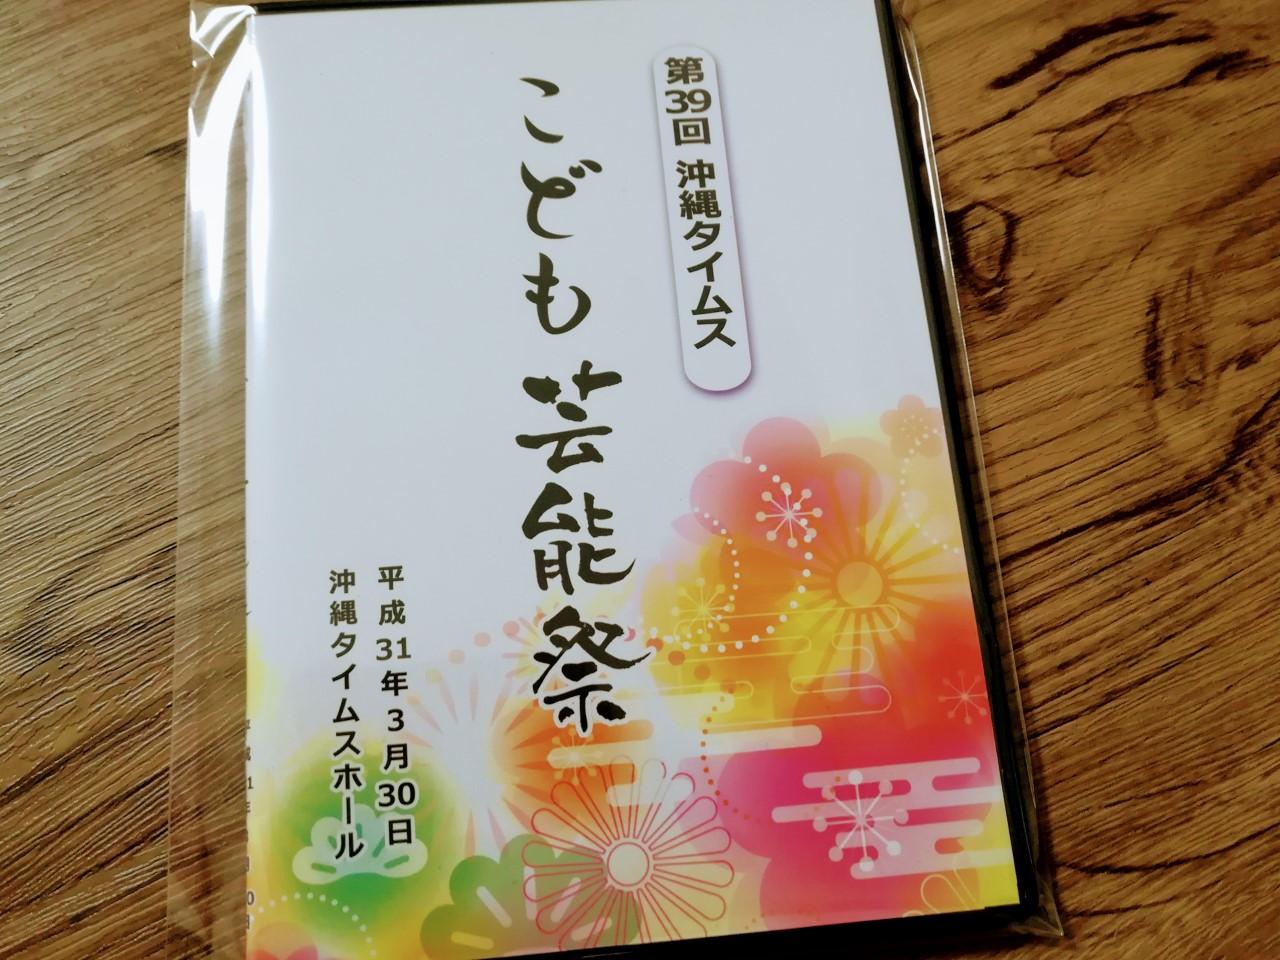 沖縄タイムスこども芸能祭